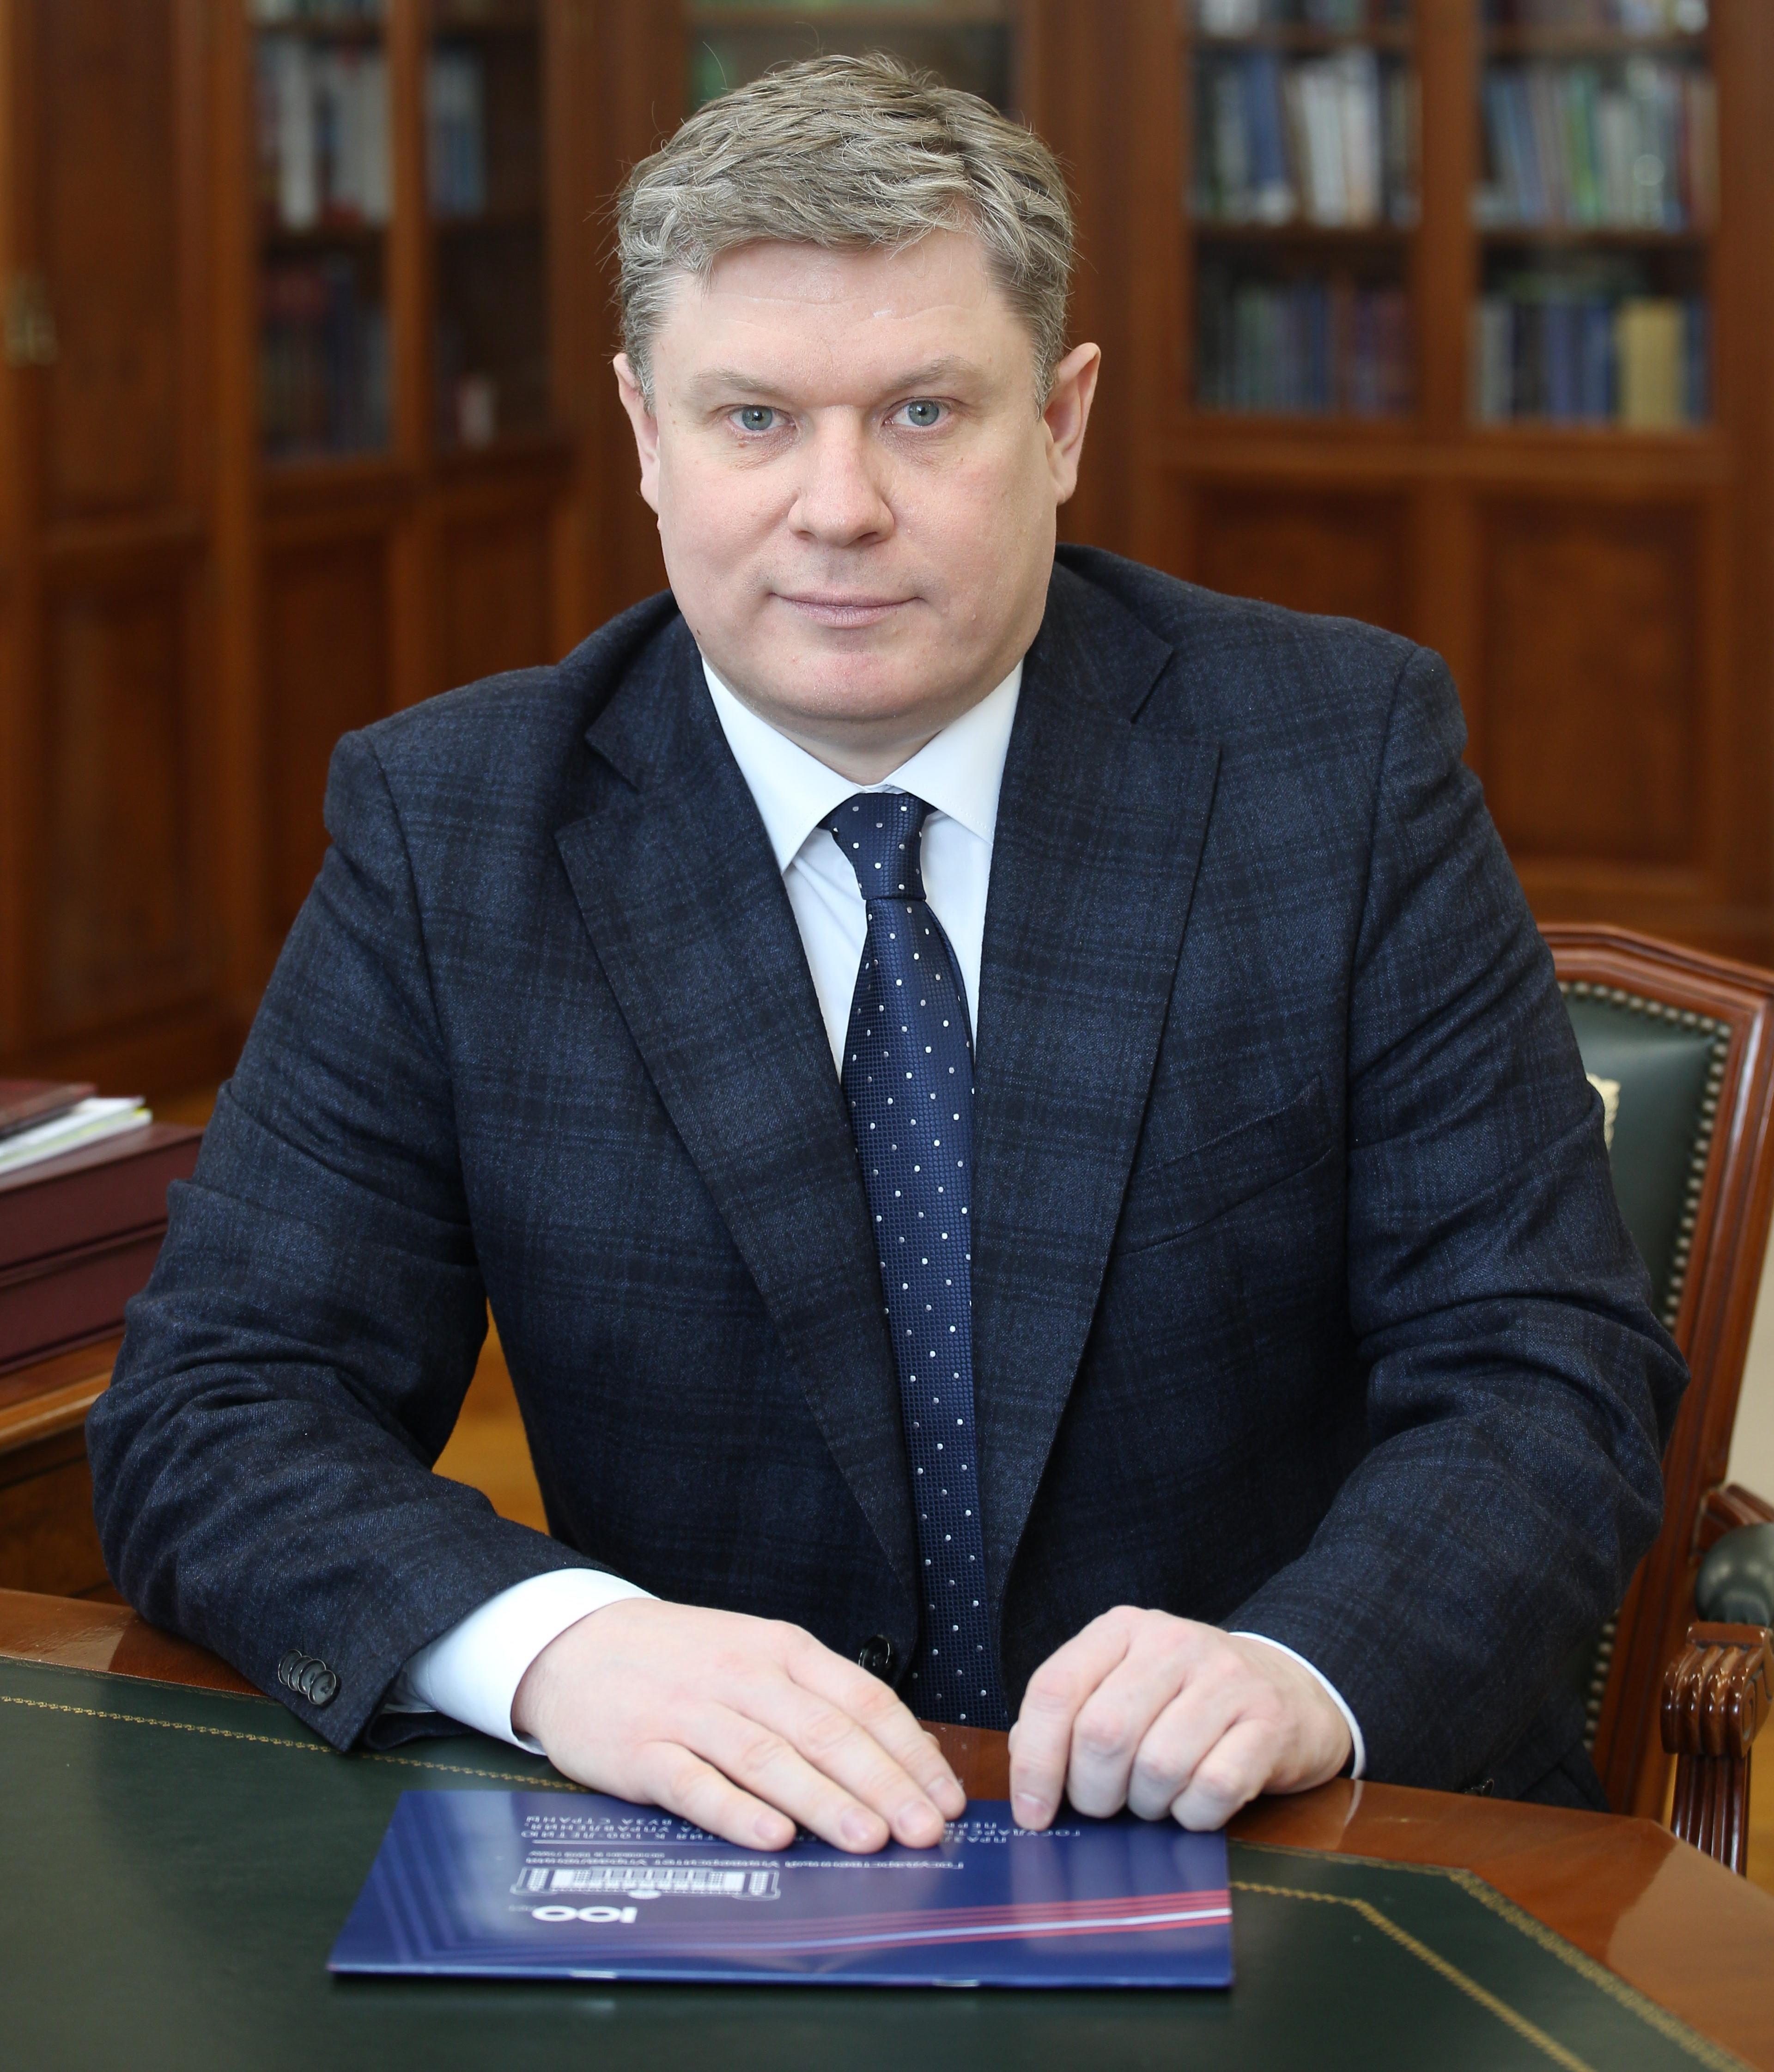 Лобанов Иван Васильевич